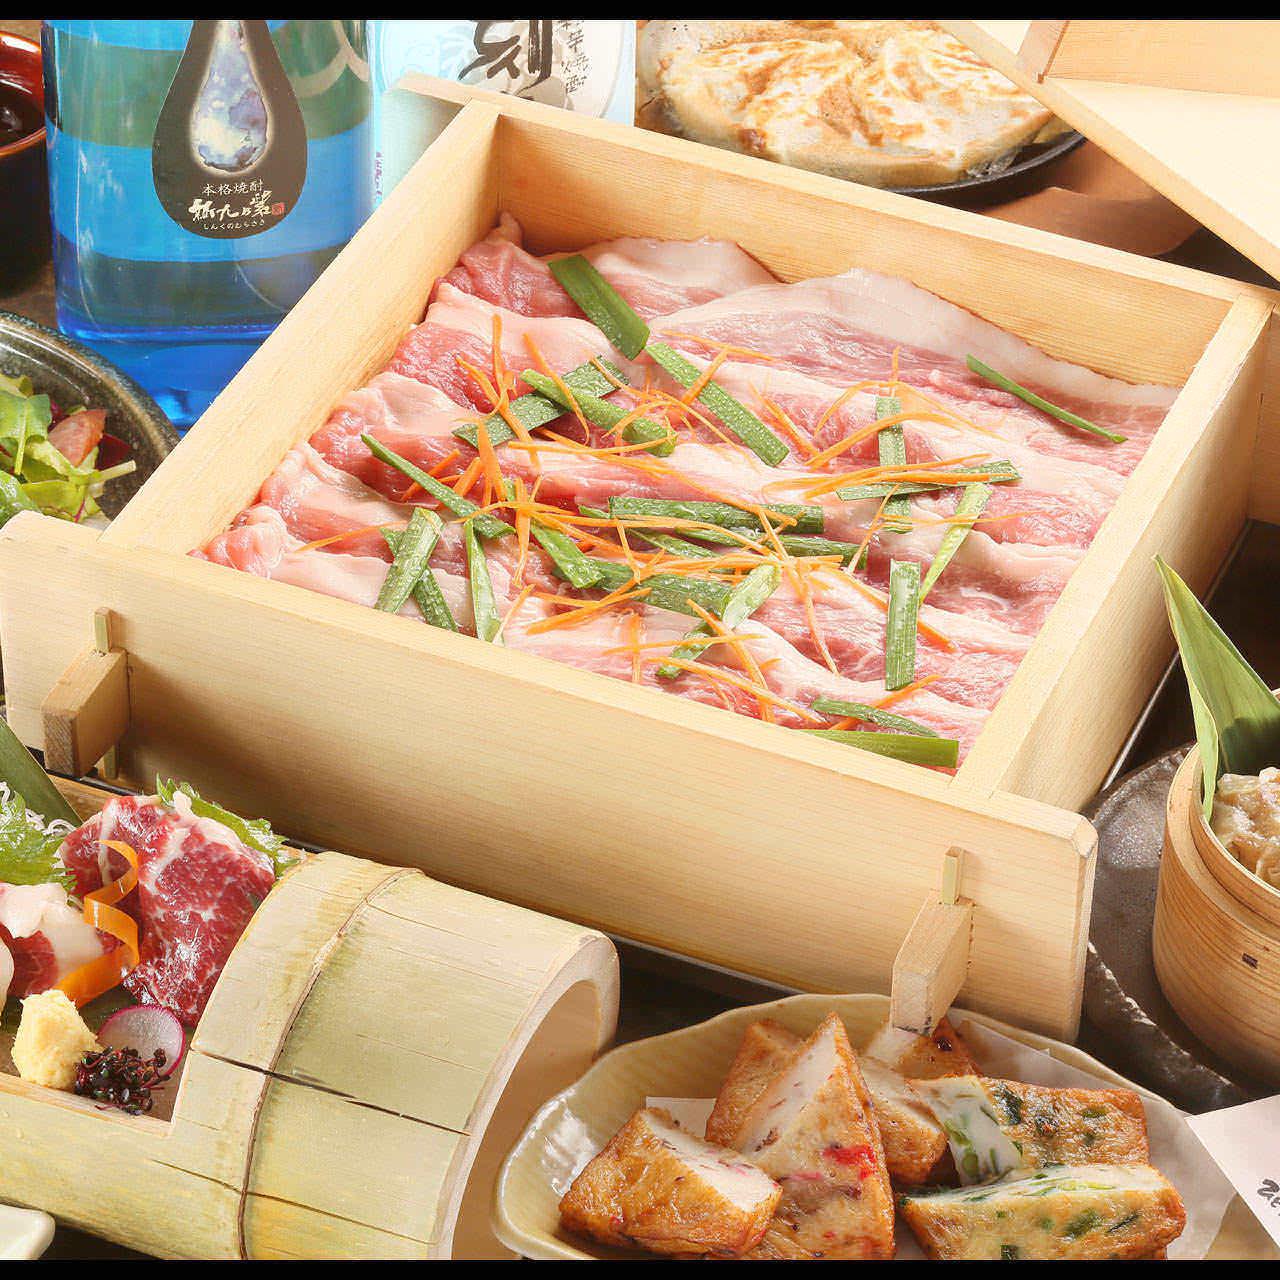 【7月】 夏の食材彩りコース 2時間飲み放題付 全7品4500円